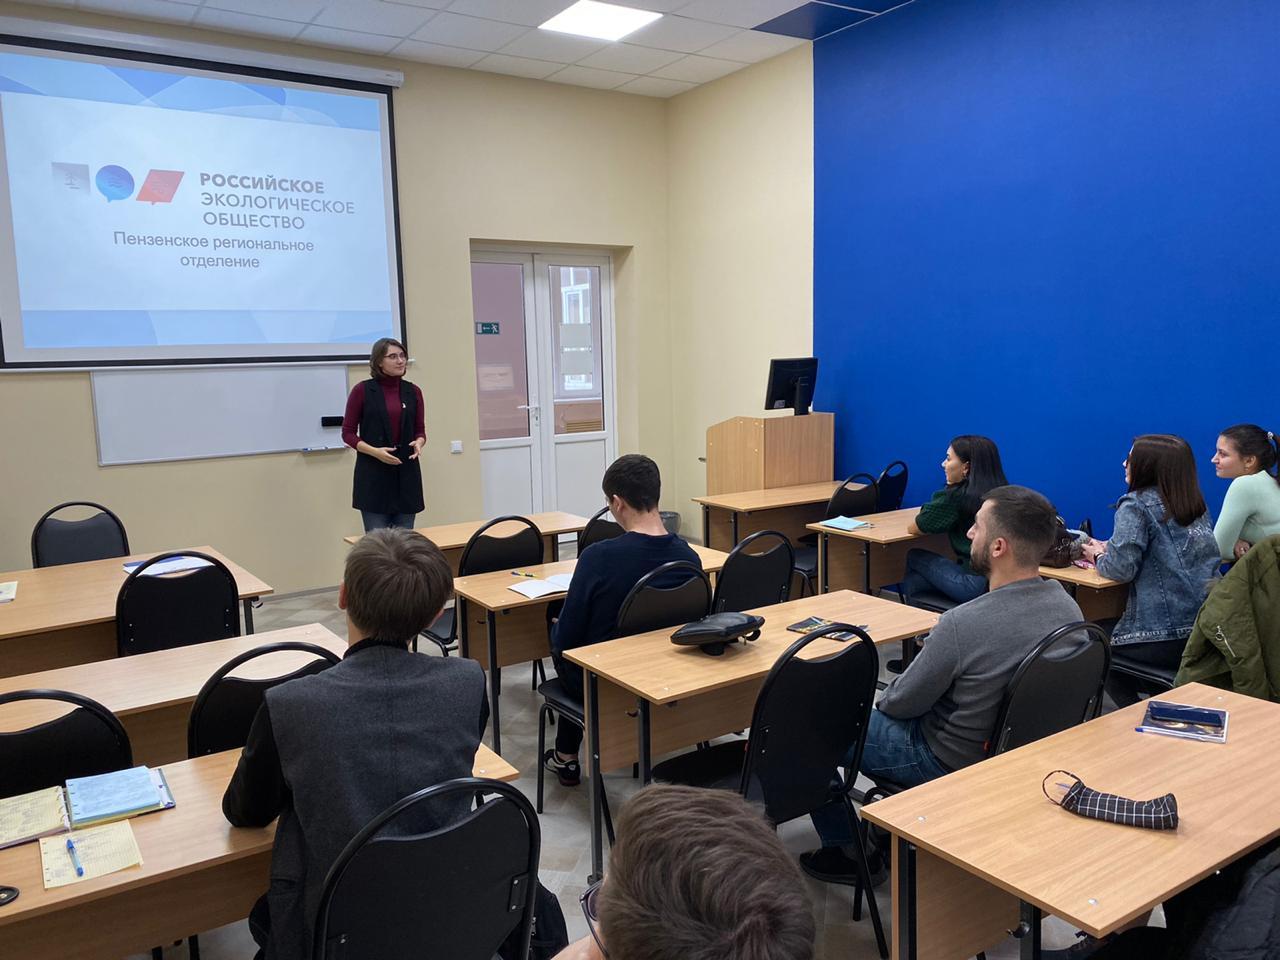 Елена Ткачук прочила лекцию на тему: «Экологизация и биологизации сельского хозяйства»